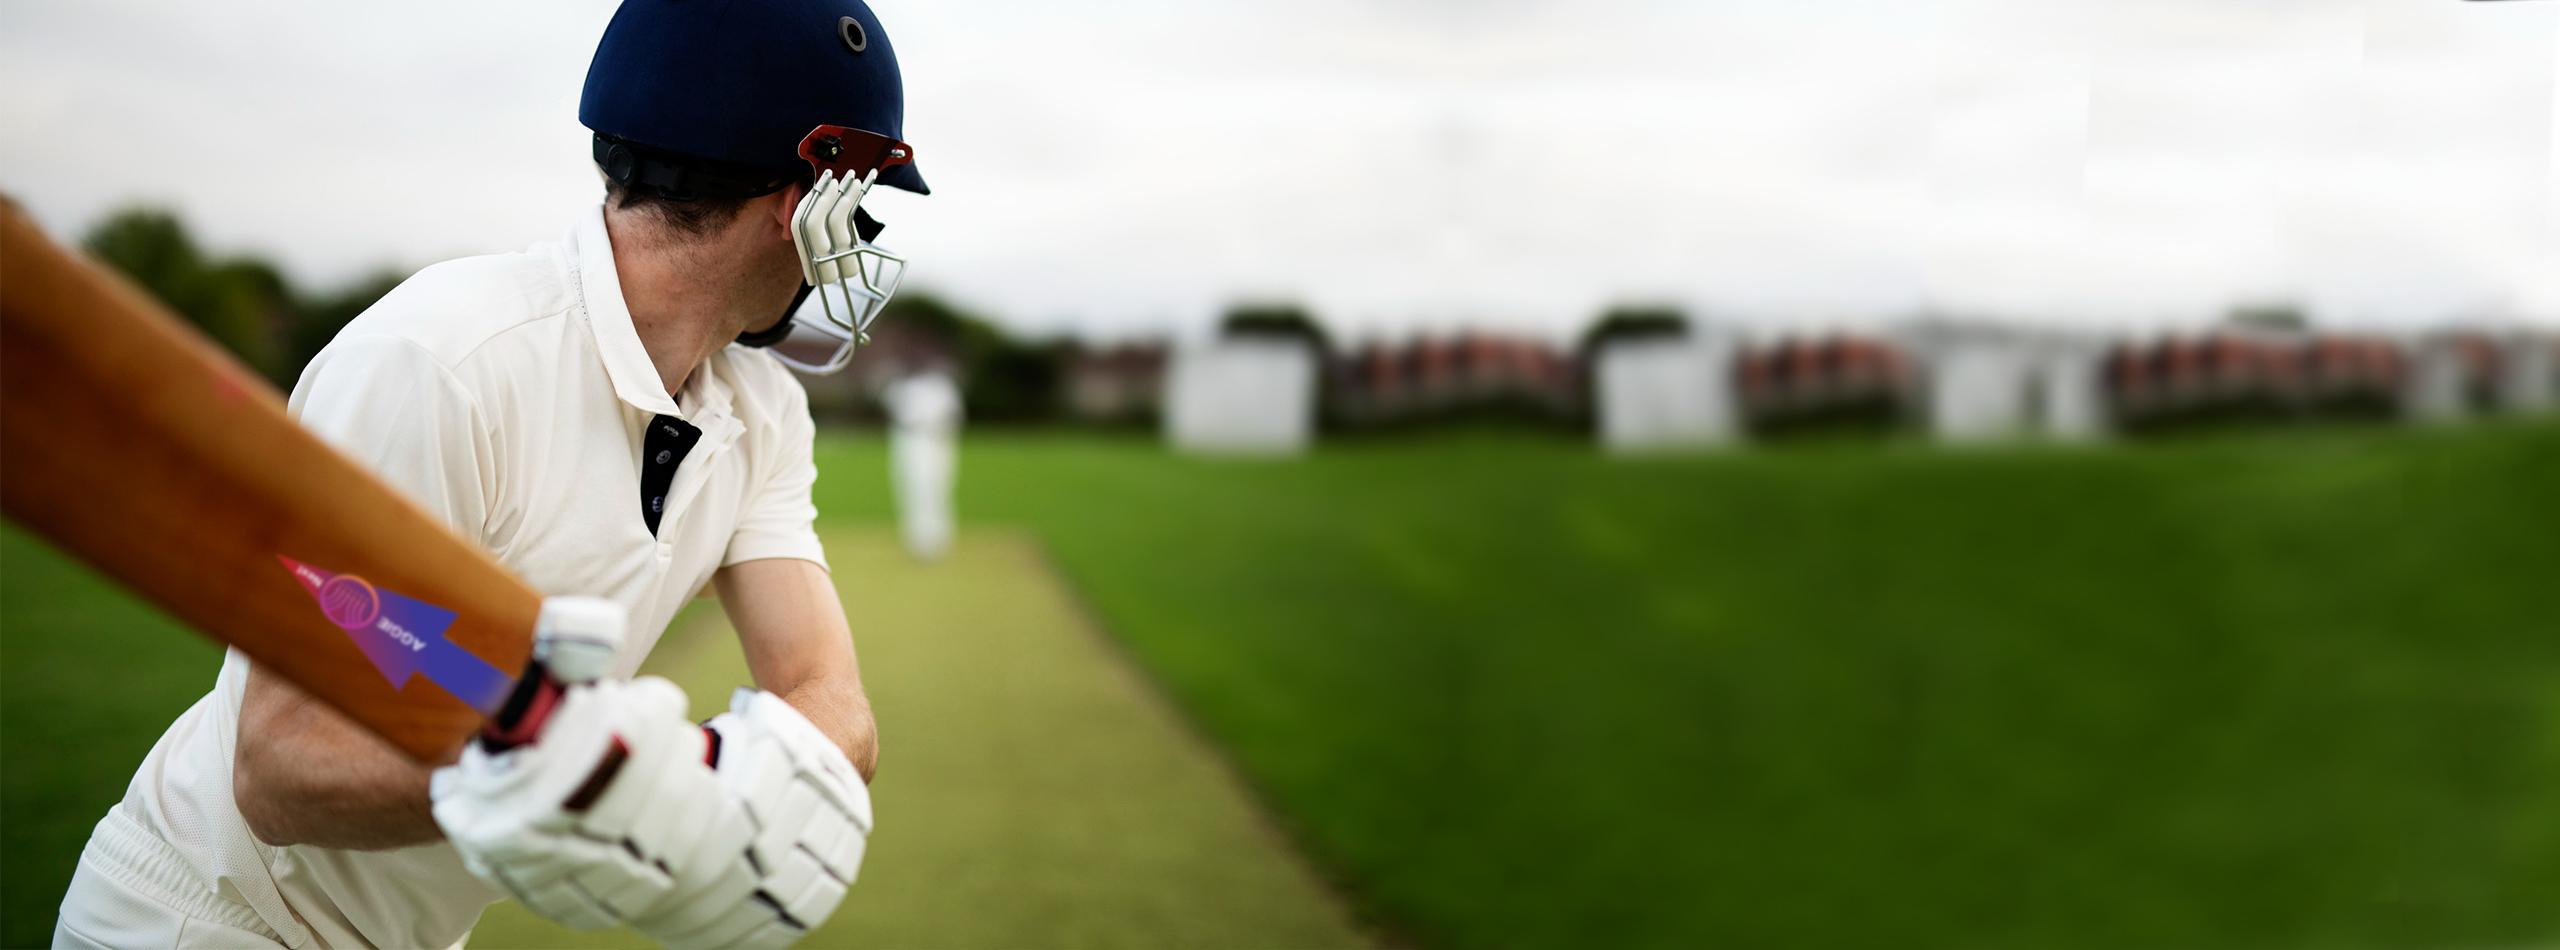 AggieNext Cricket Bat Banner